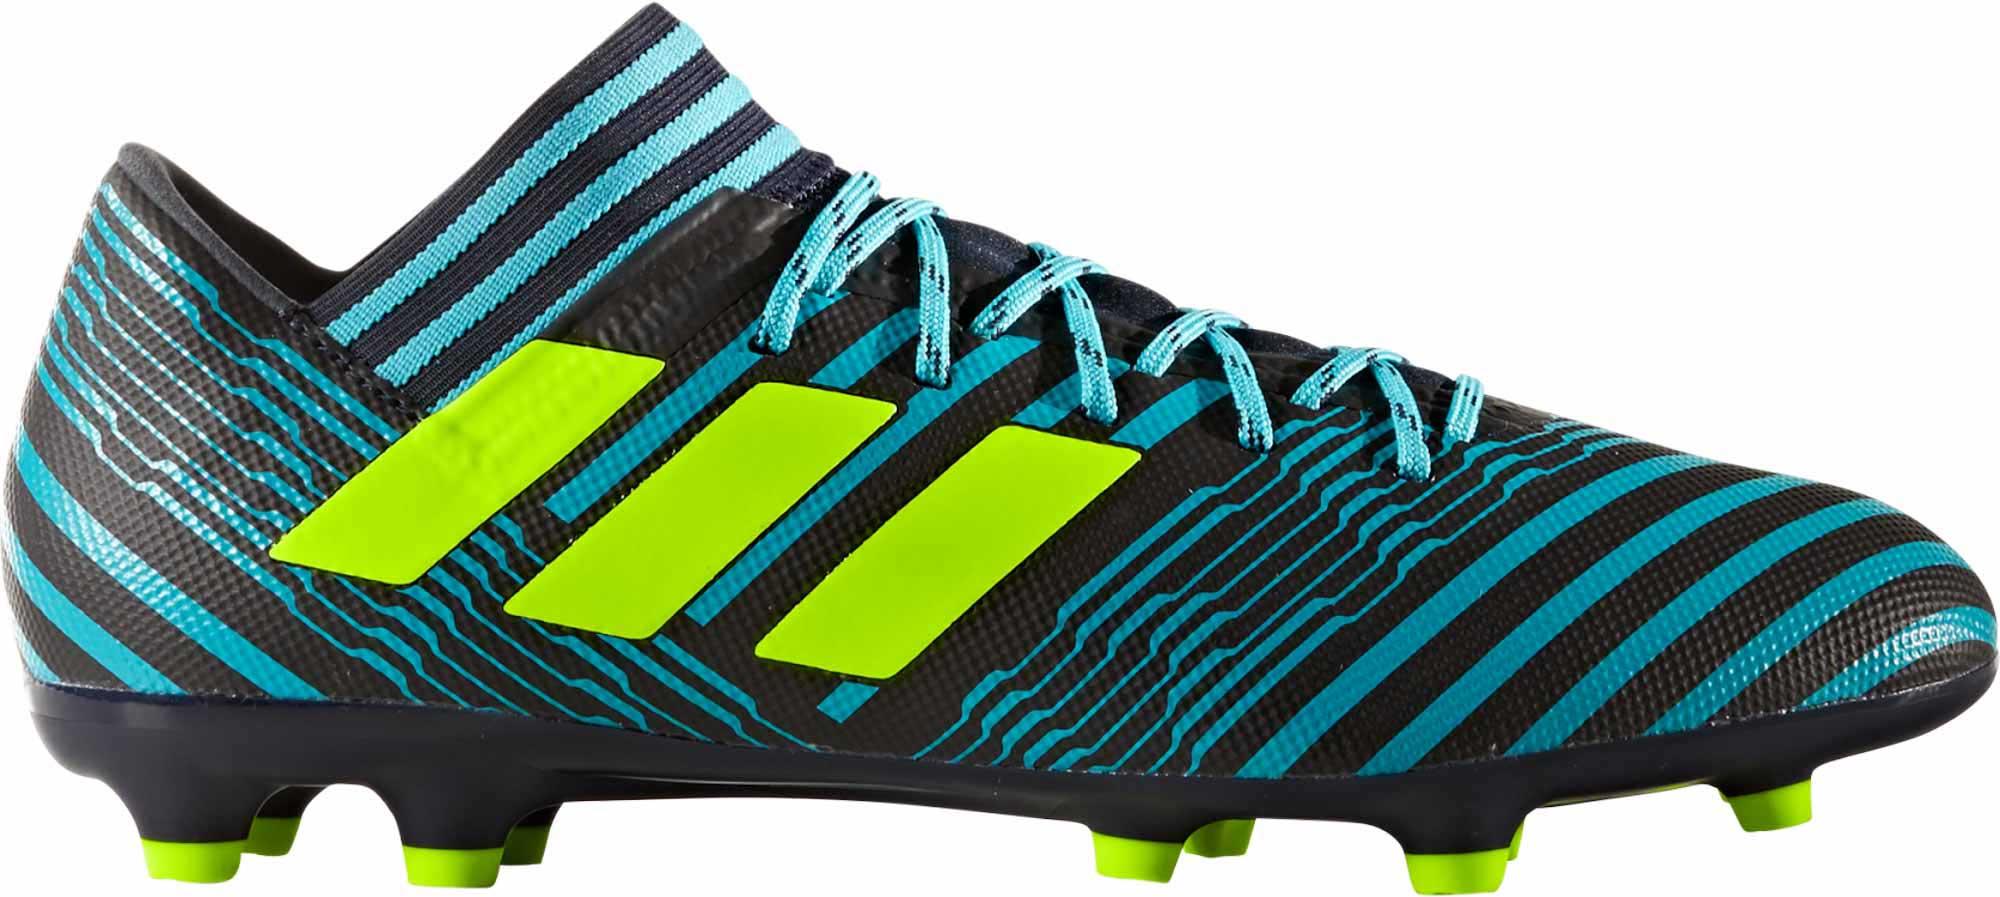 adidas Nemeziz 17.3 FG Soccer Cleats Legend Ink & Solar